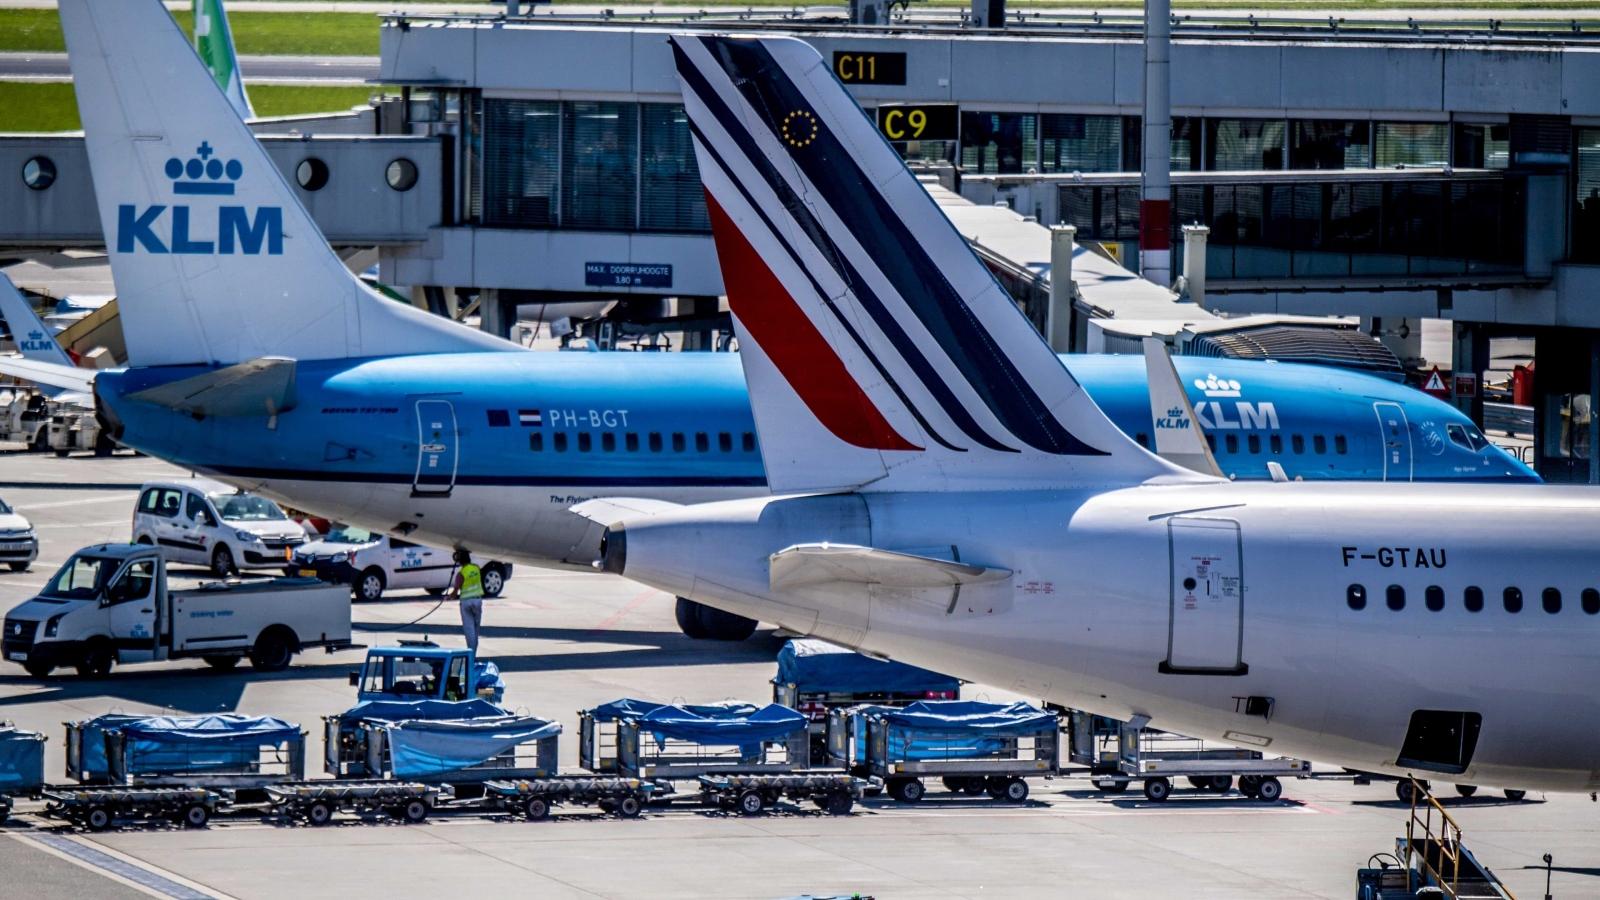 Phát triển năng lượng bền vững trong ngành hàng không: Bài toán khócủa Pháp